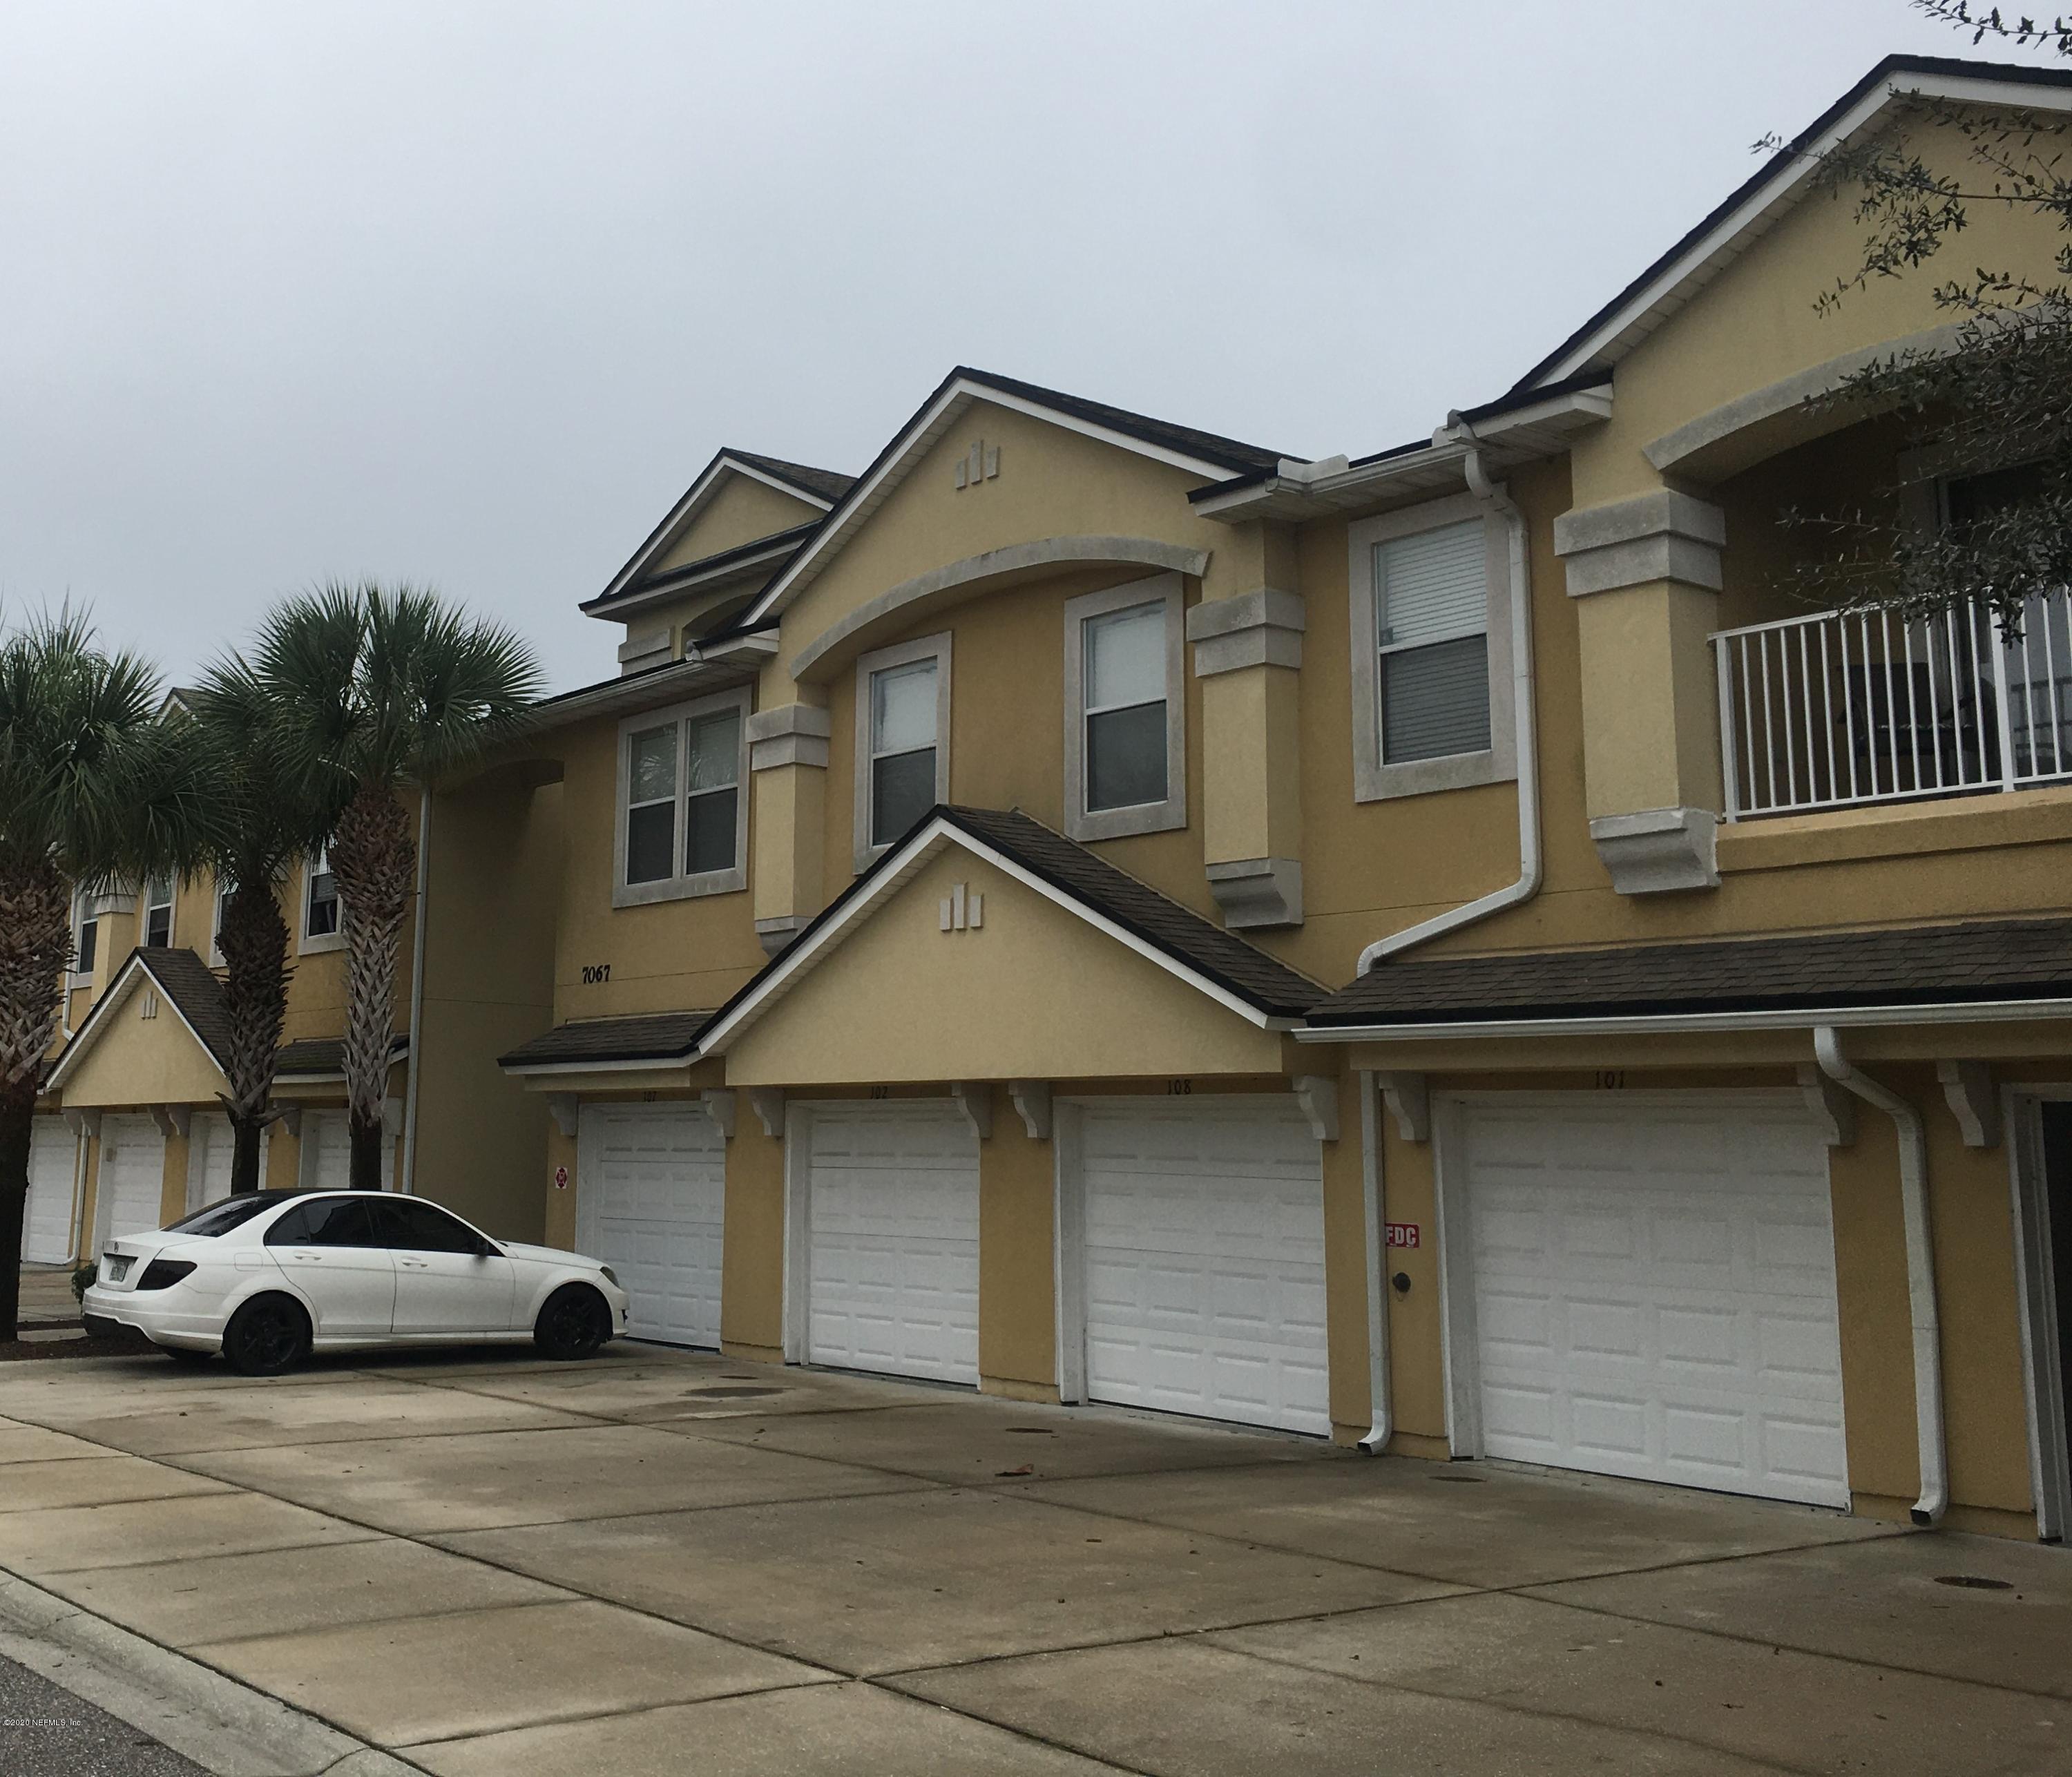 7067 DEER LODGE, JACKSONVILLE, FLORIDA 32256, 3 Bedrooms Bedrooms, ,2 BathroomsBathrooms,Residential,For sale,DEER LODGE,1082678